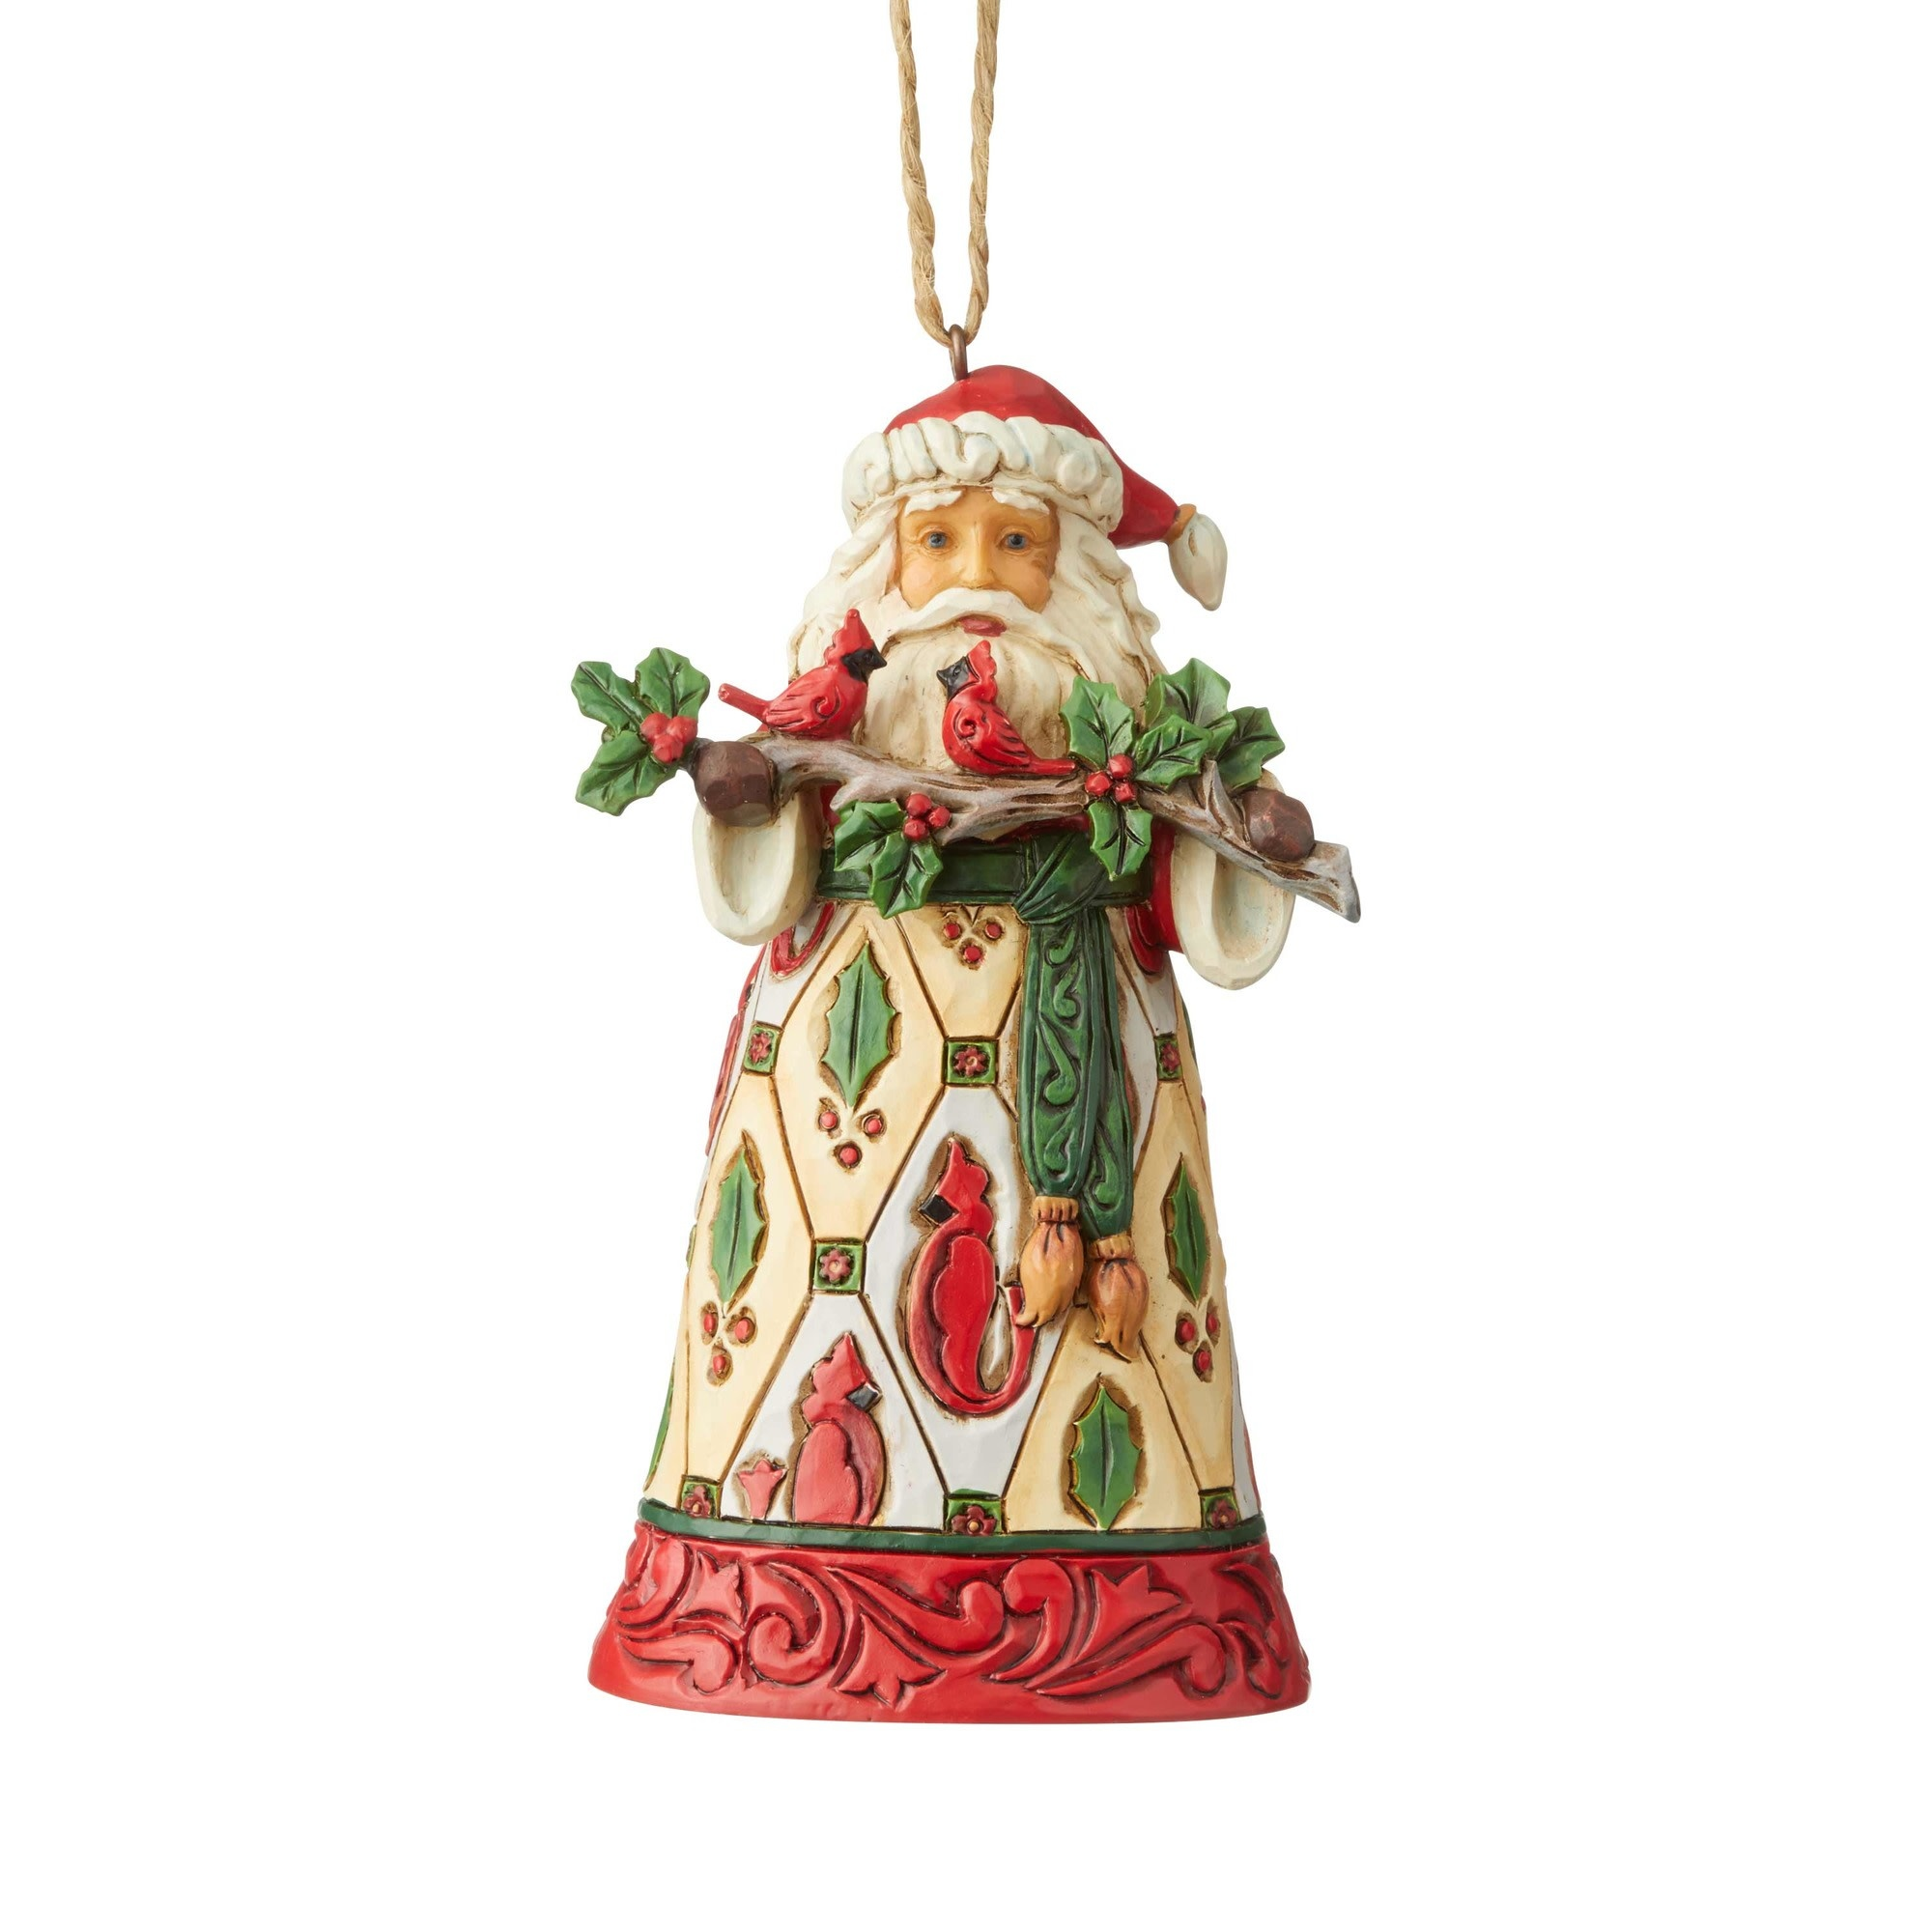 Iim Shore Santa with Cardinals Ornament